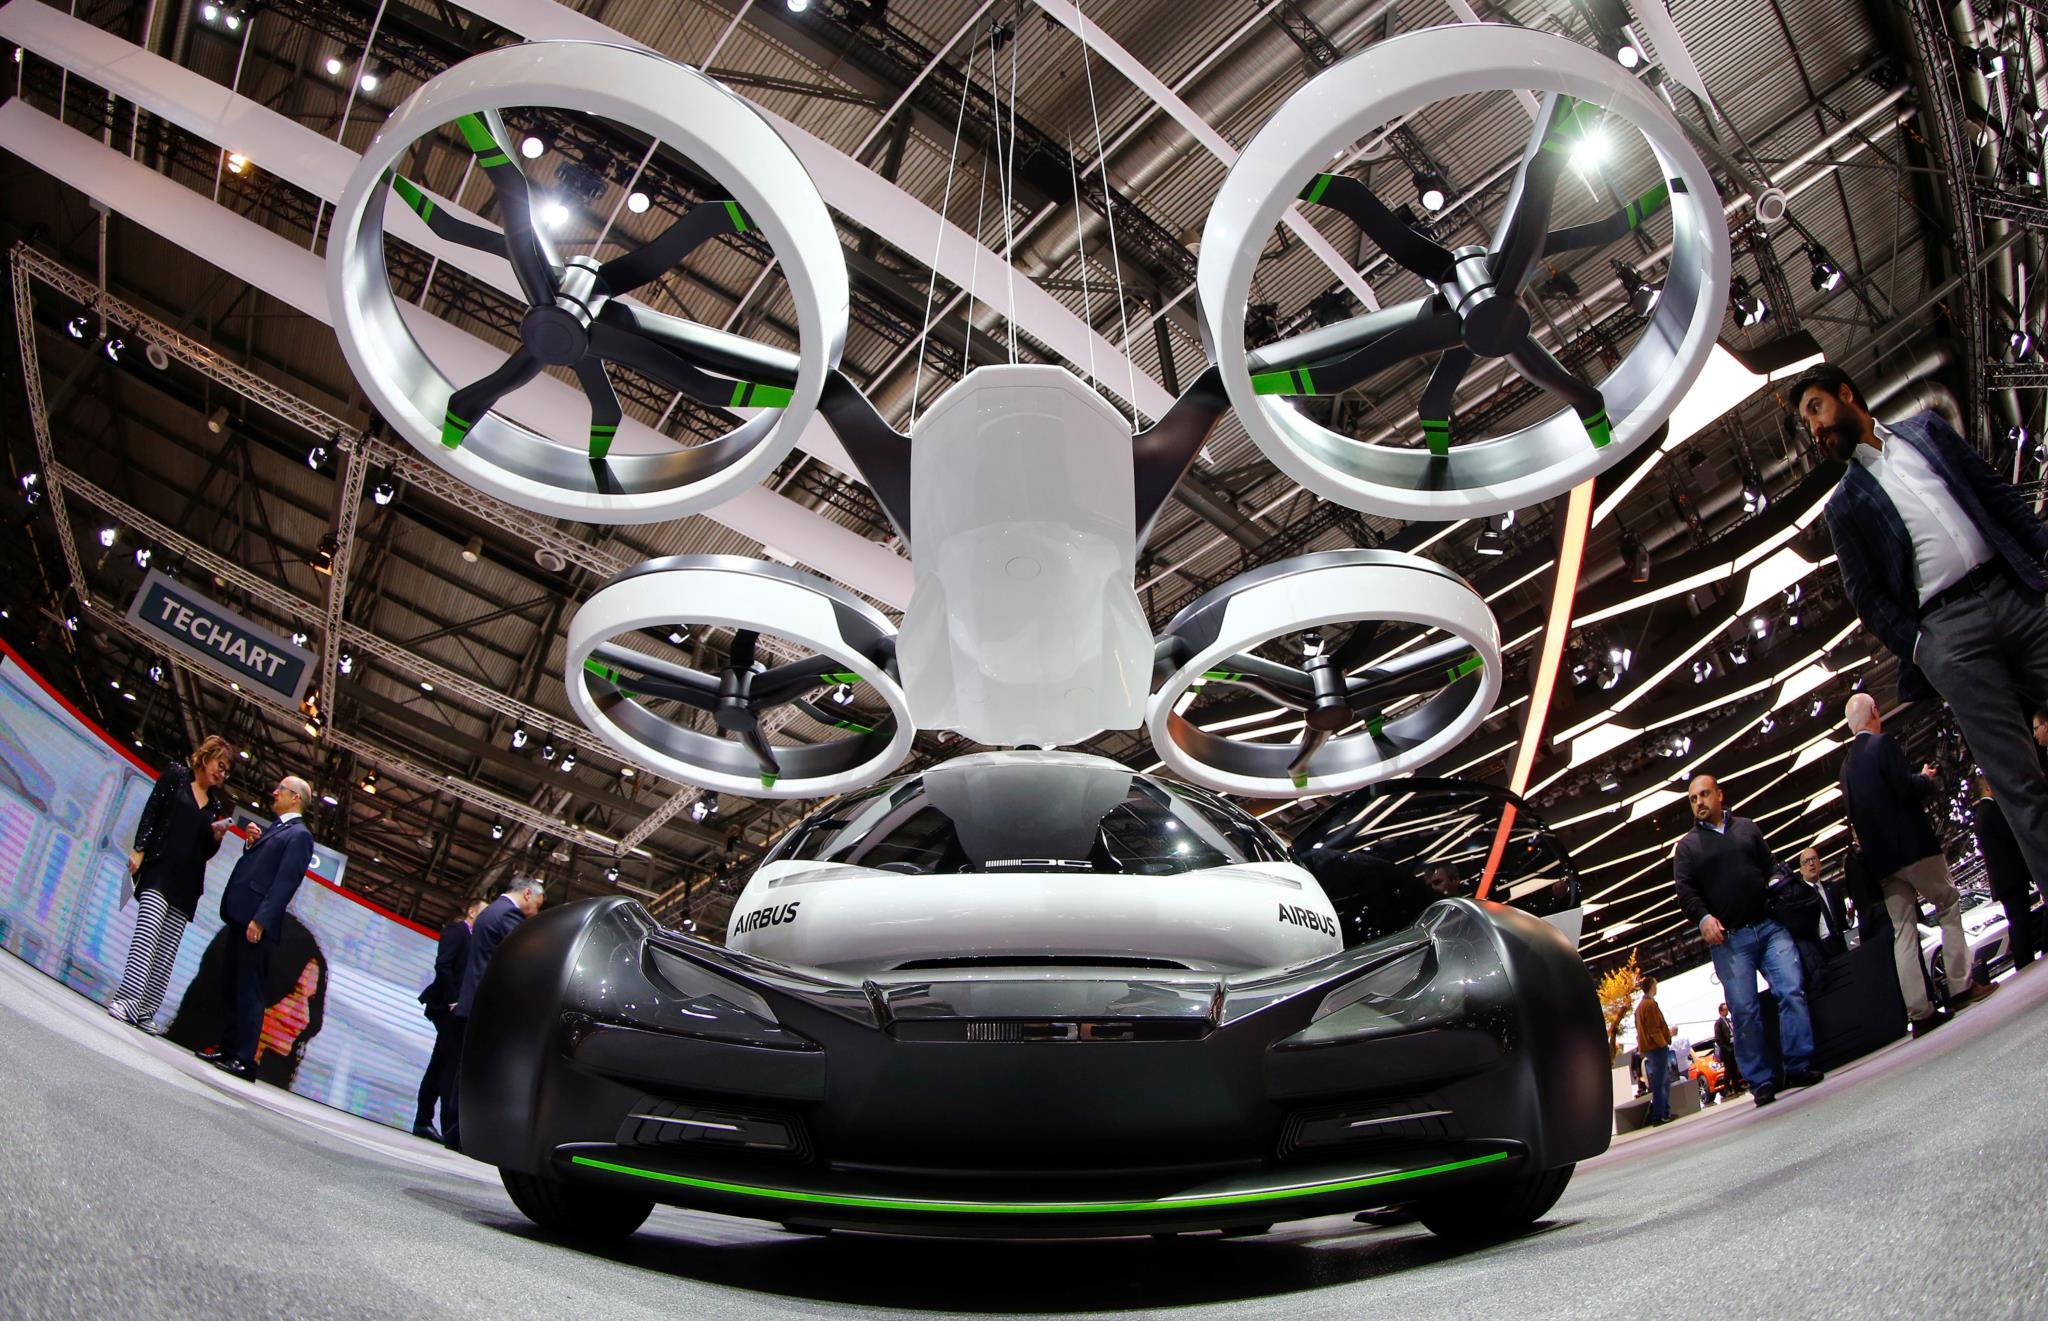 """O protótipo do """"carro voador"""" Pop.Up: uma aposta da Airbus e da Italdesign, tem quatro rodas, oito rotores permitindo uma utilização em terra e no ar"""